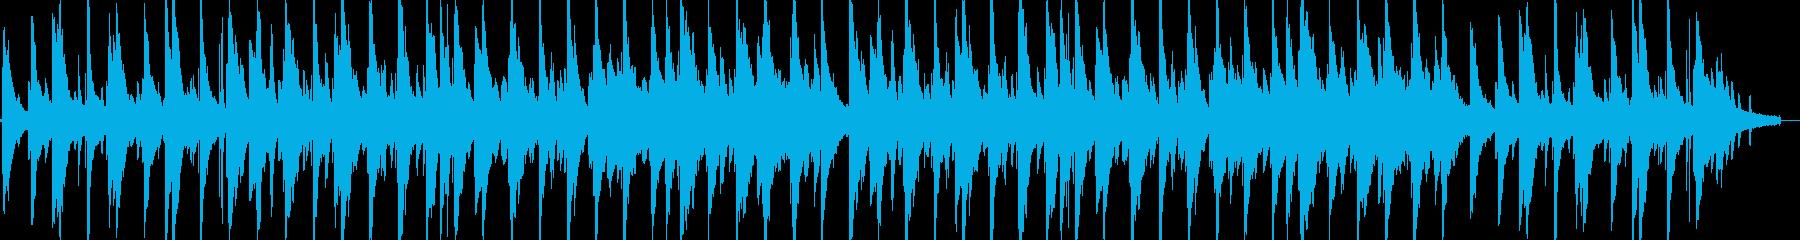 しっとり冬のジャズピアノの再生済みの波形